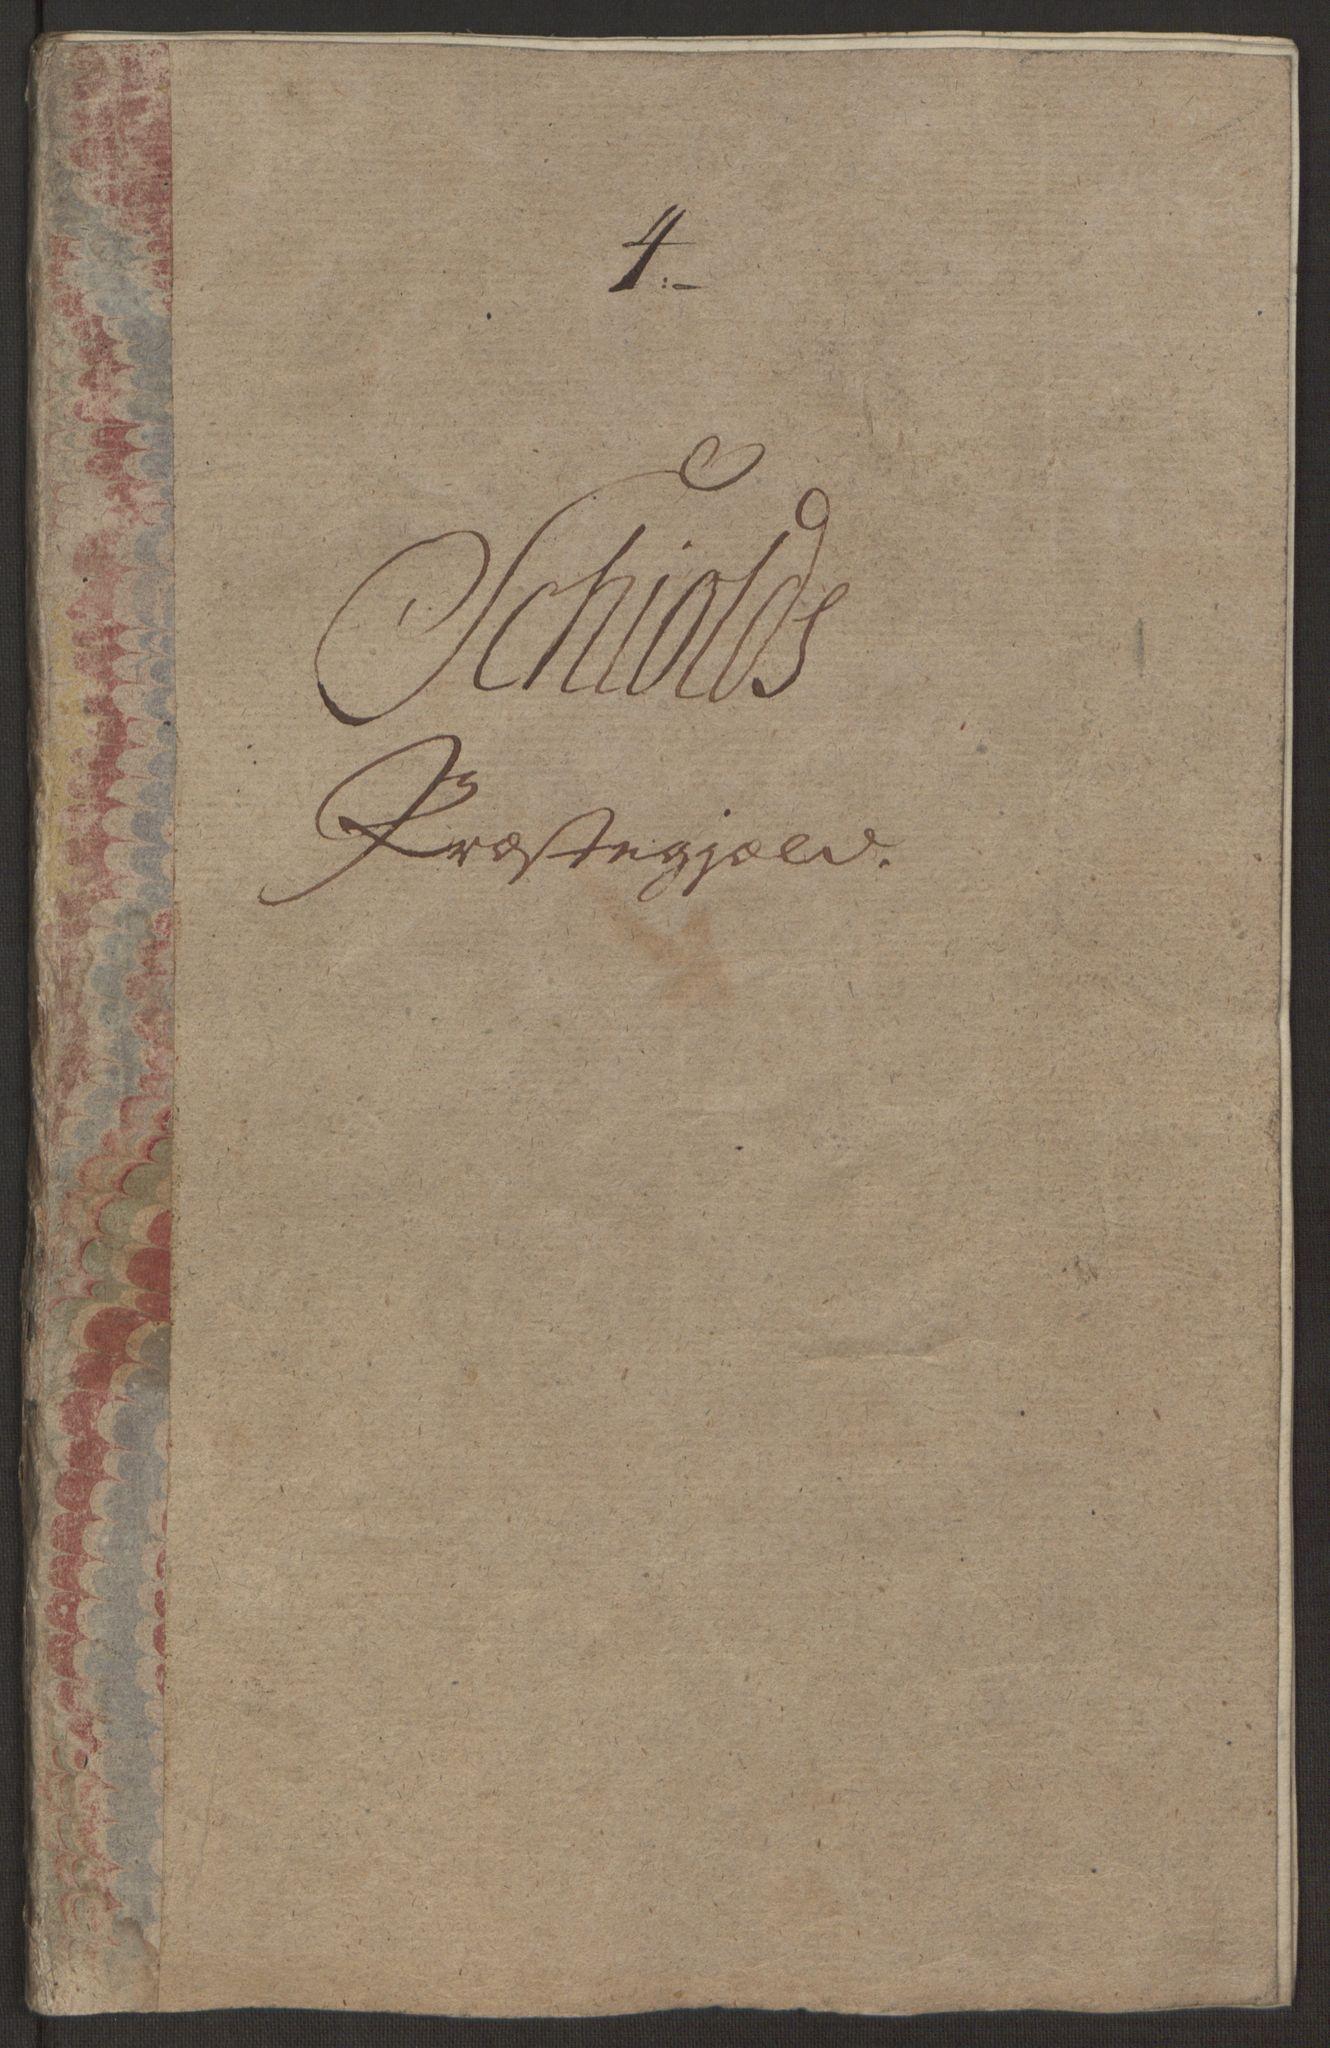 RA, Rentekammeret inntil 1814, Reviderte regnskaper, Hovedkasseregnskaper, Rf/L0072b: Ekstraskatteregnskap, 1762, s. 214